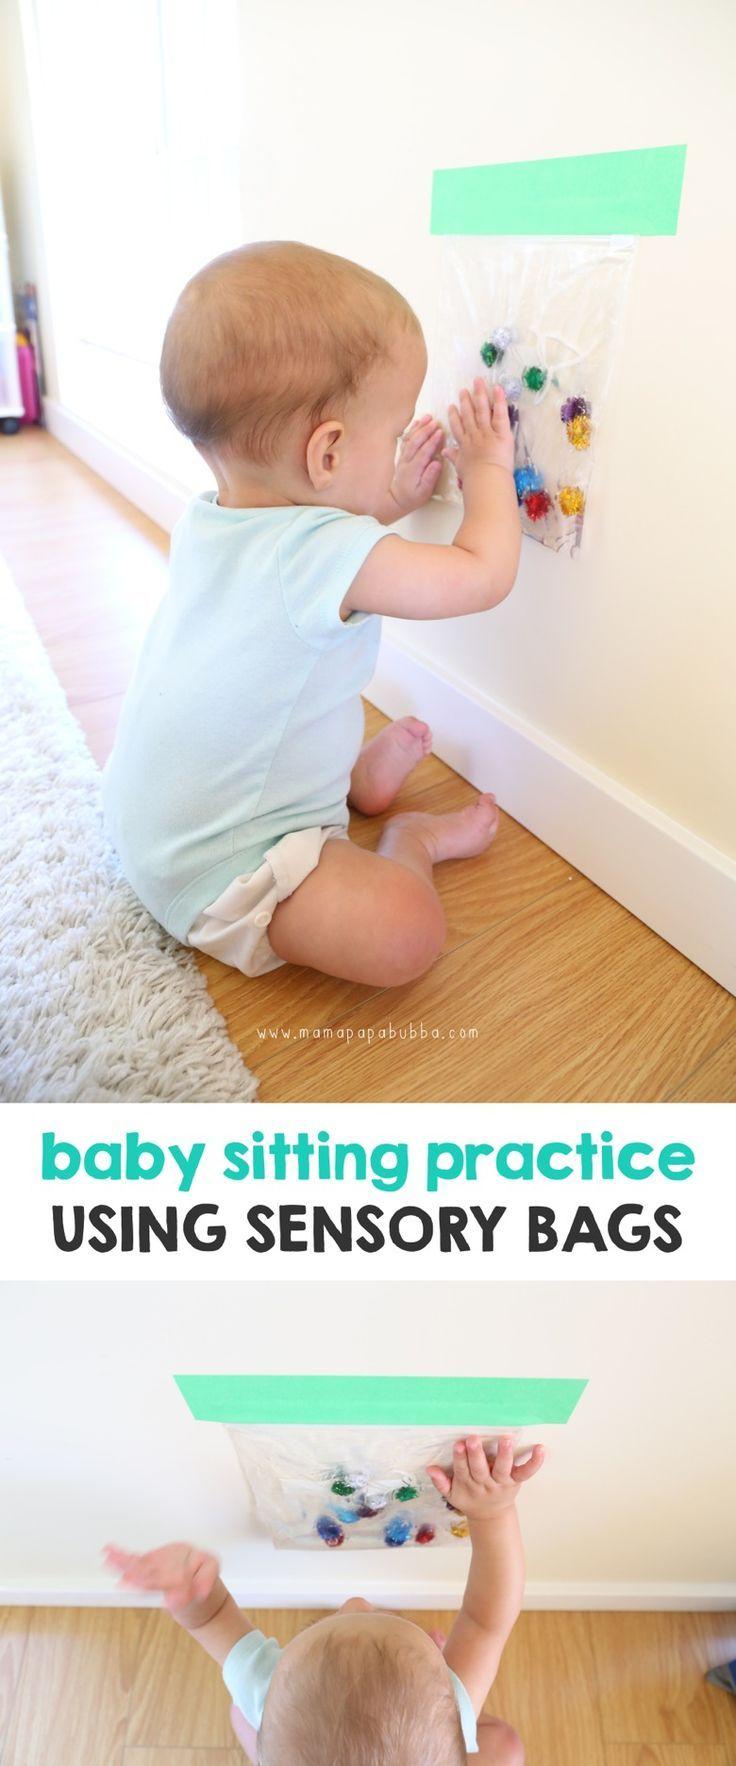 Wenn Baby sitzen kann, soll es auch etwas Spannend…